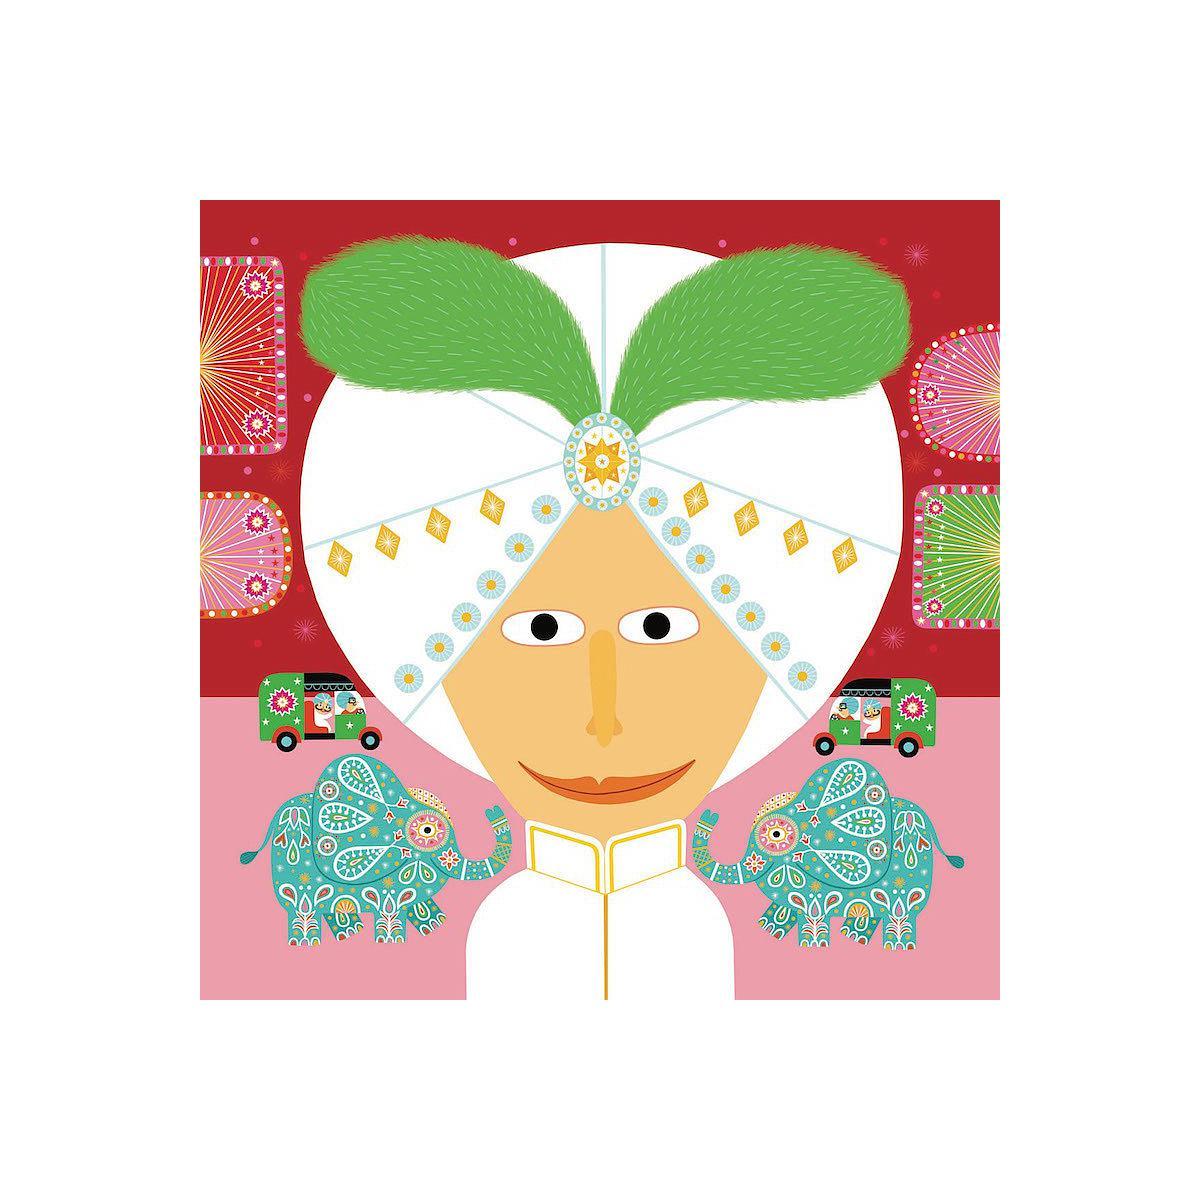 Crear con pegatinas pequeños regalos 3-6Y TODAS DIFERENTES Djeco MTODJECO